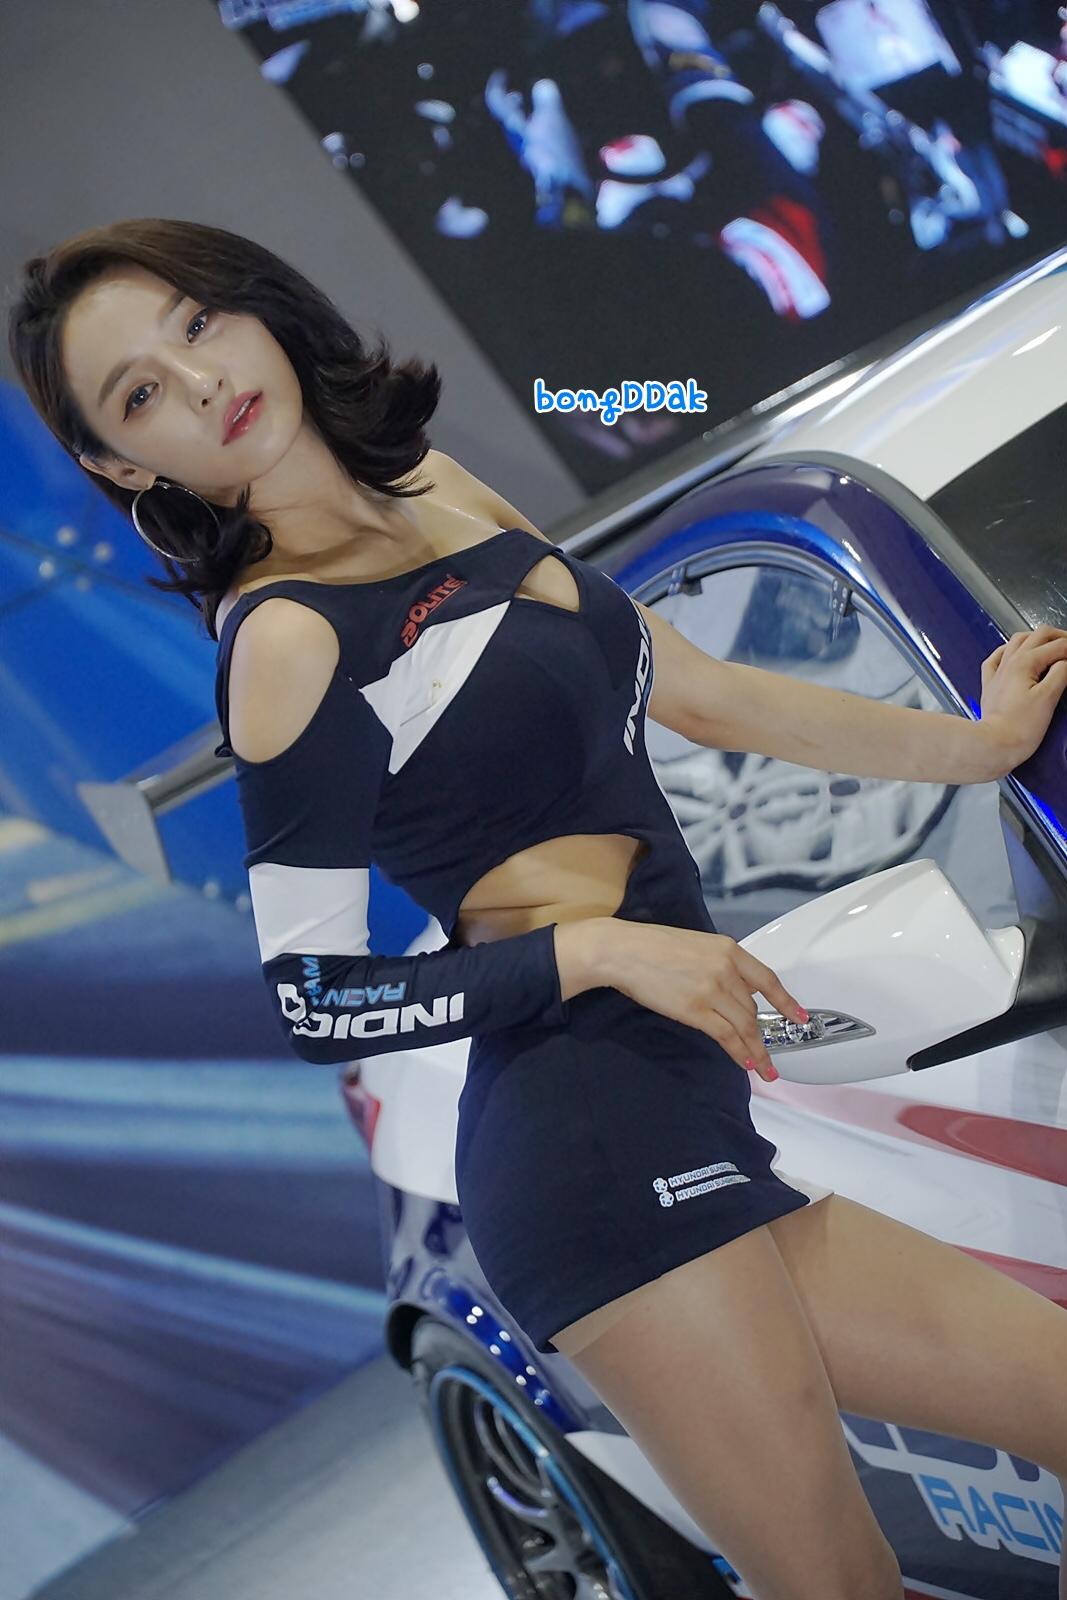 エロすぎる韓国のレースクイーンSeo yeon様の美脚エロ画像 (26pics)